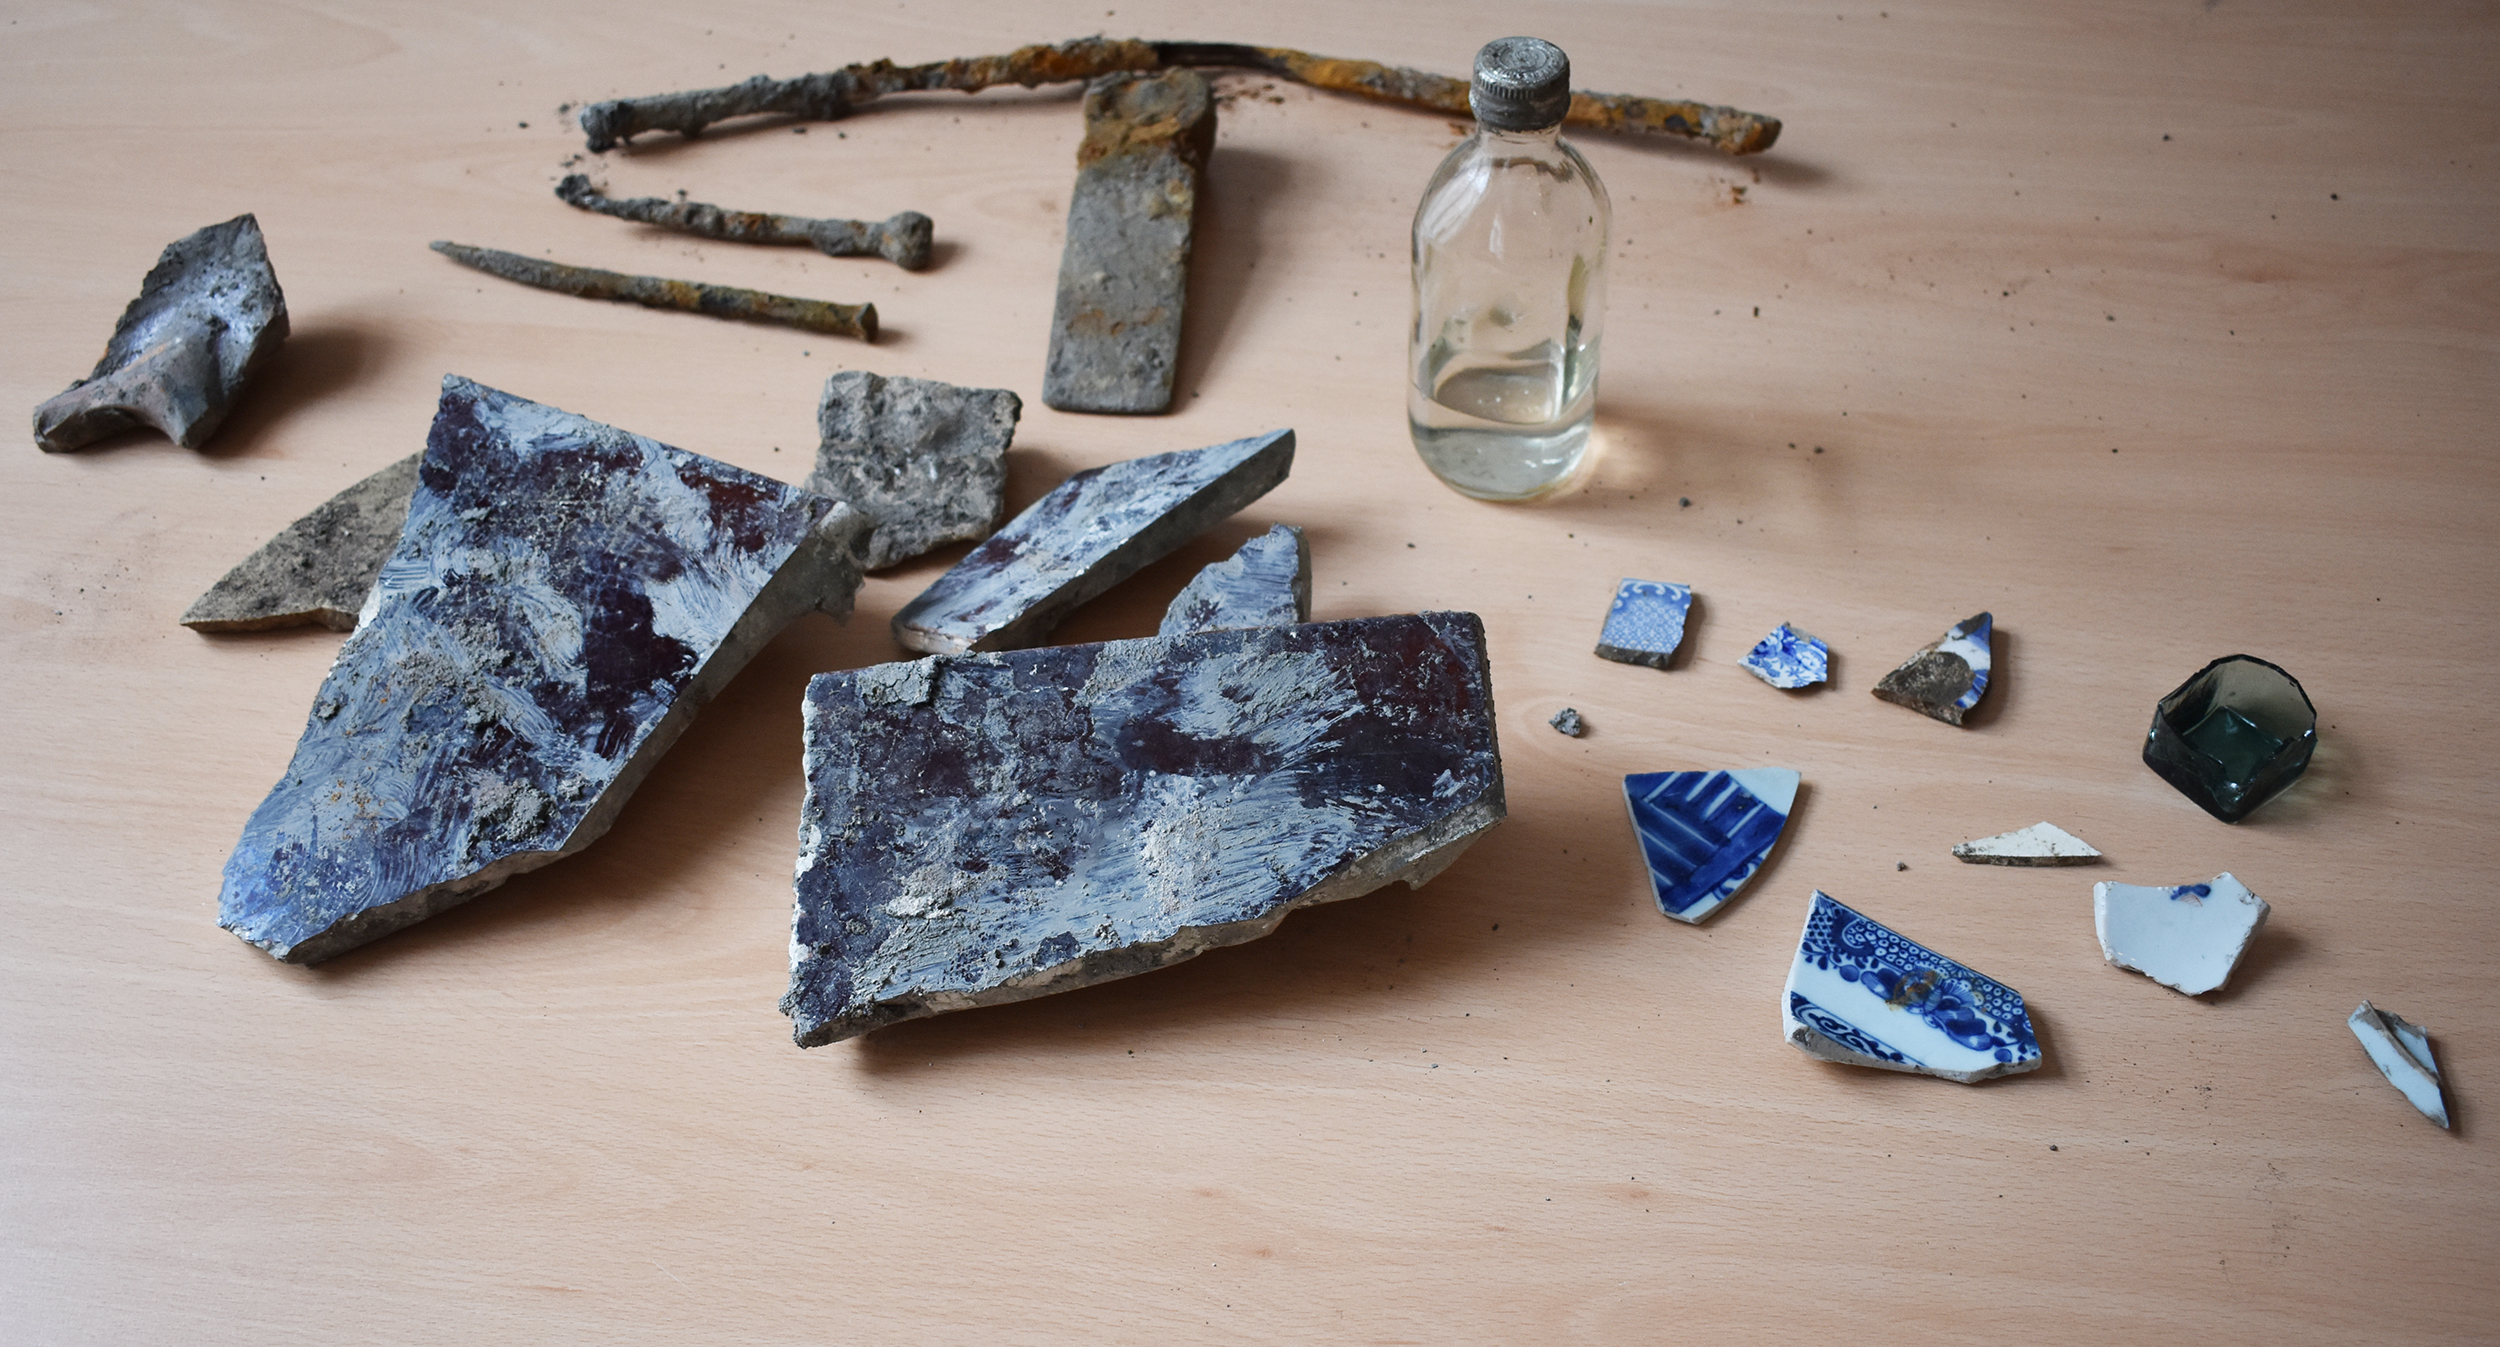 Arkeologiska fynd utspridda på ett bord.